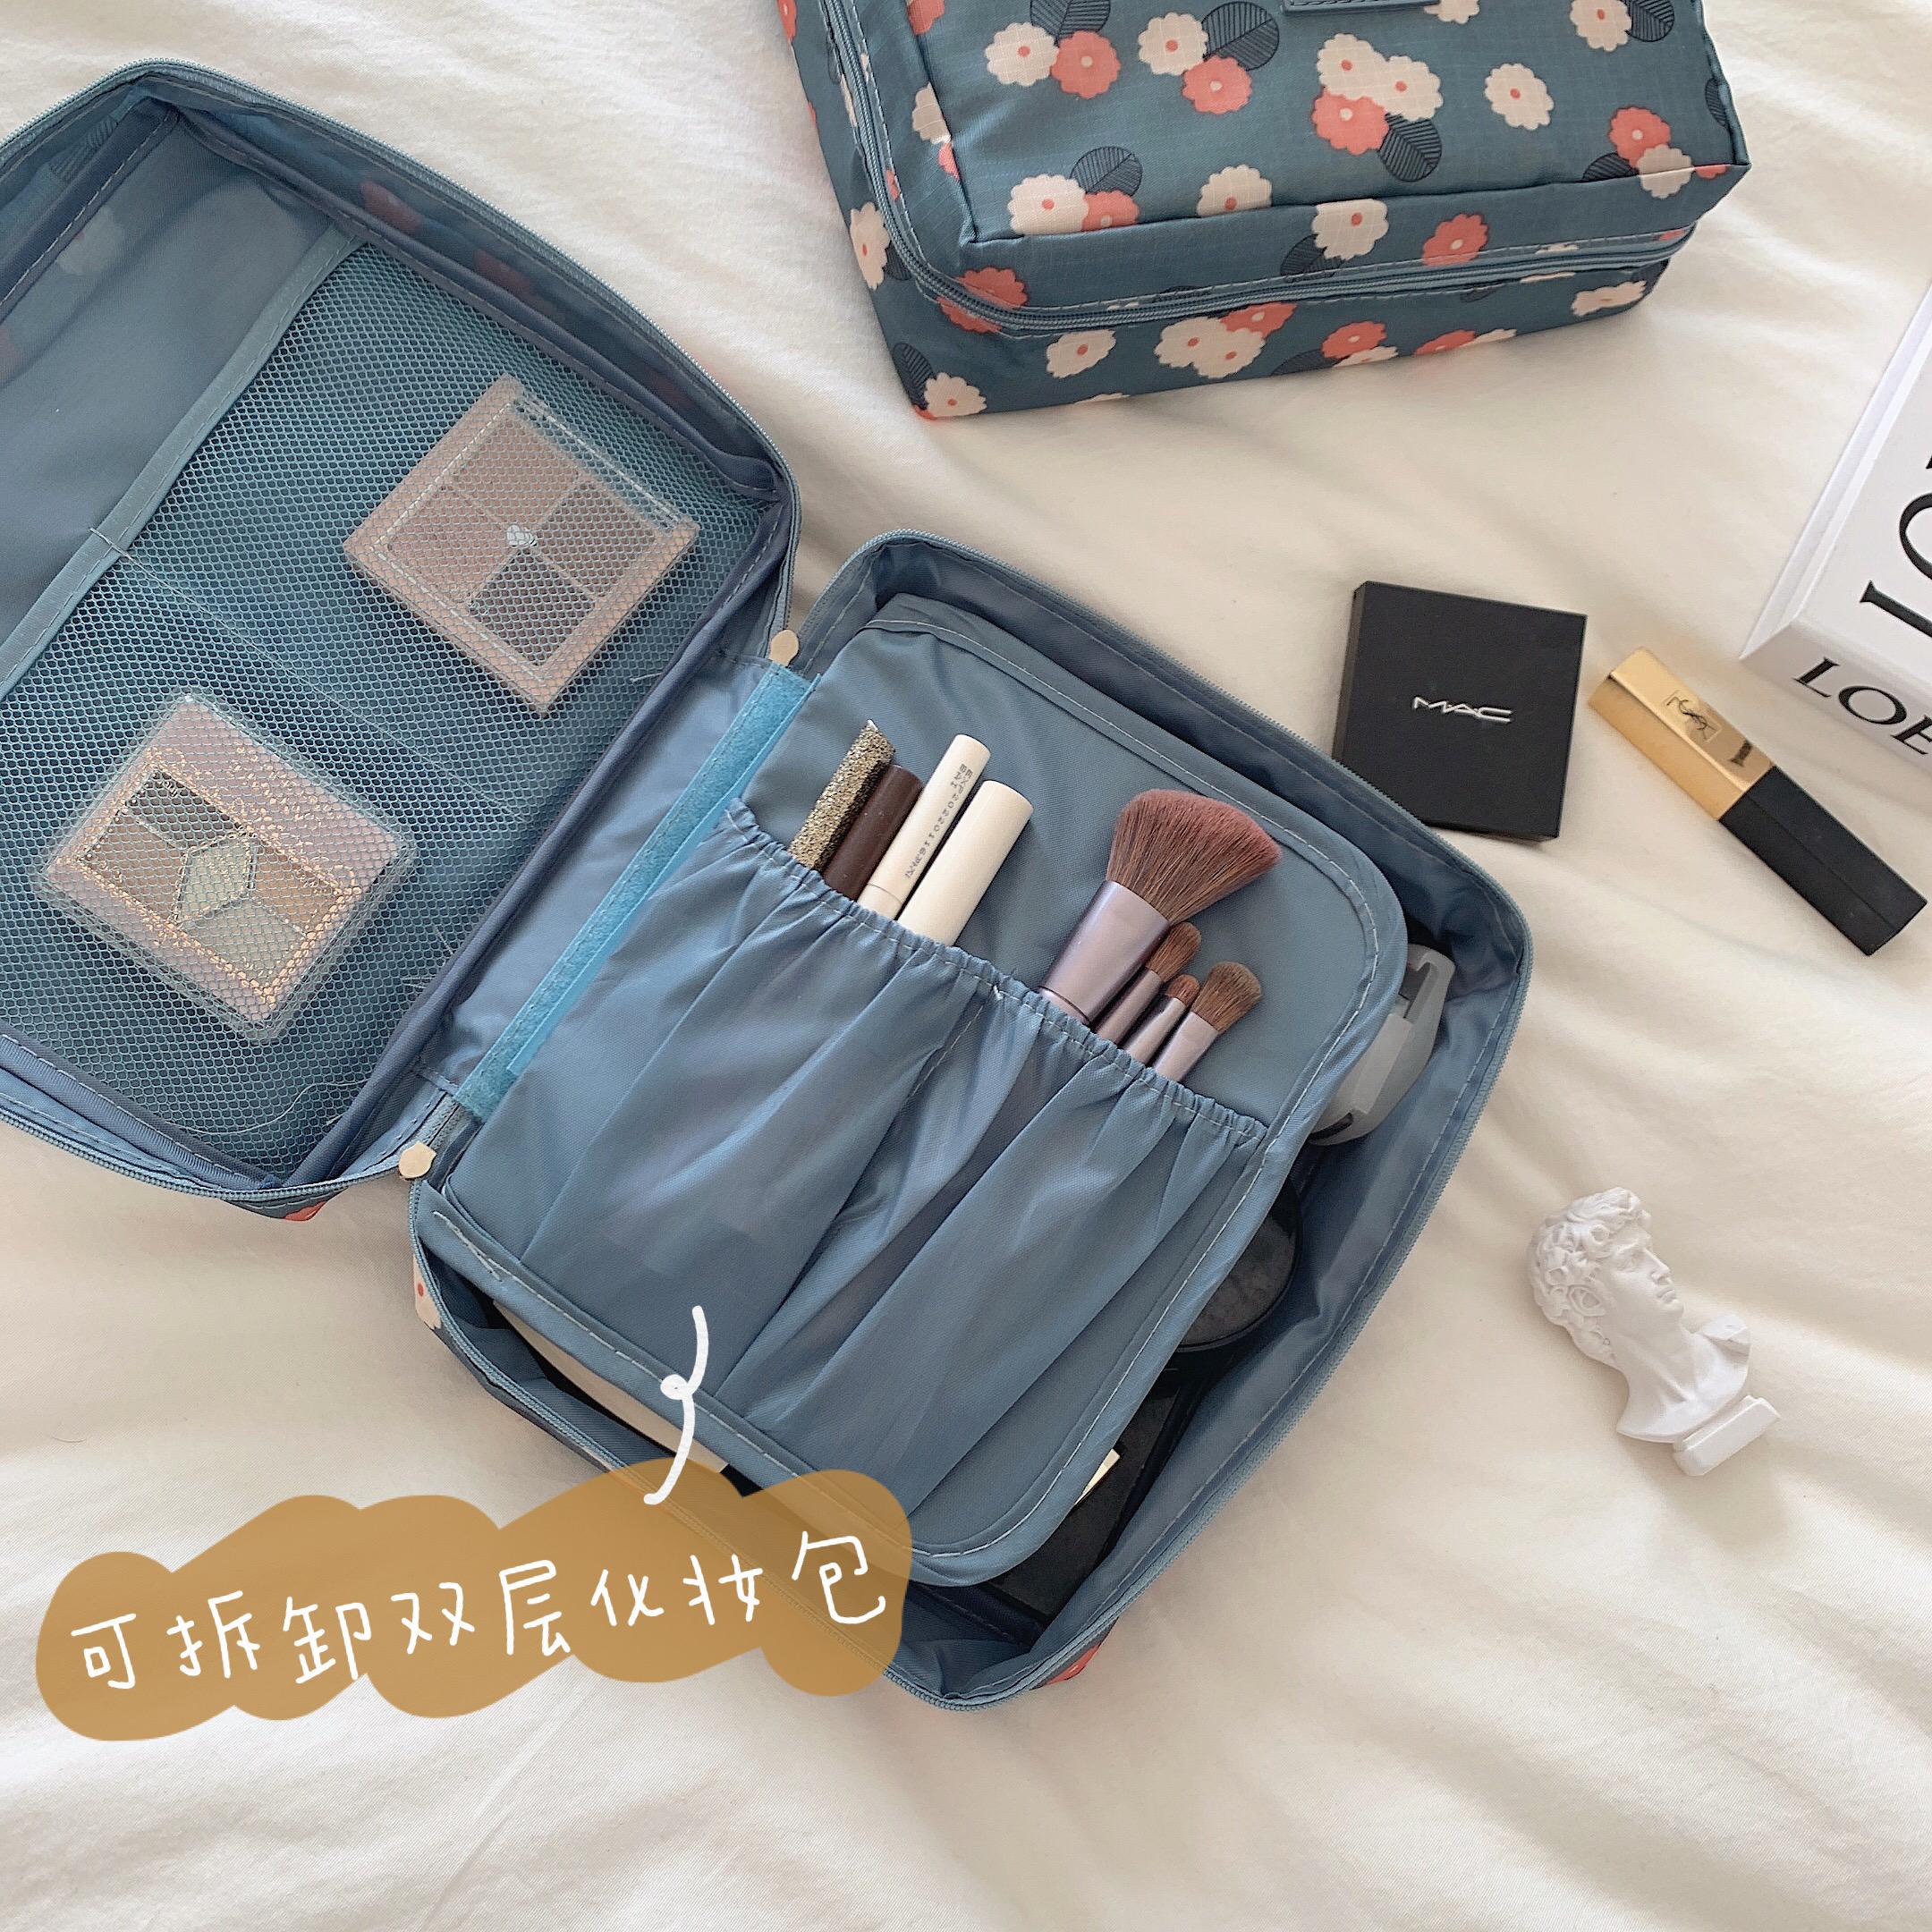 少女心放映室 ins防水大容量化妆包 旅行便携式手提洗漱包收纳袋图片